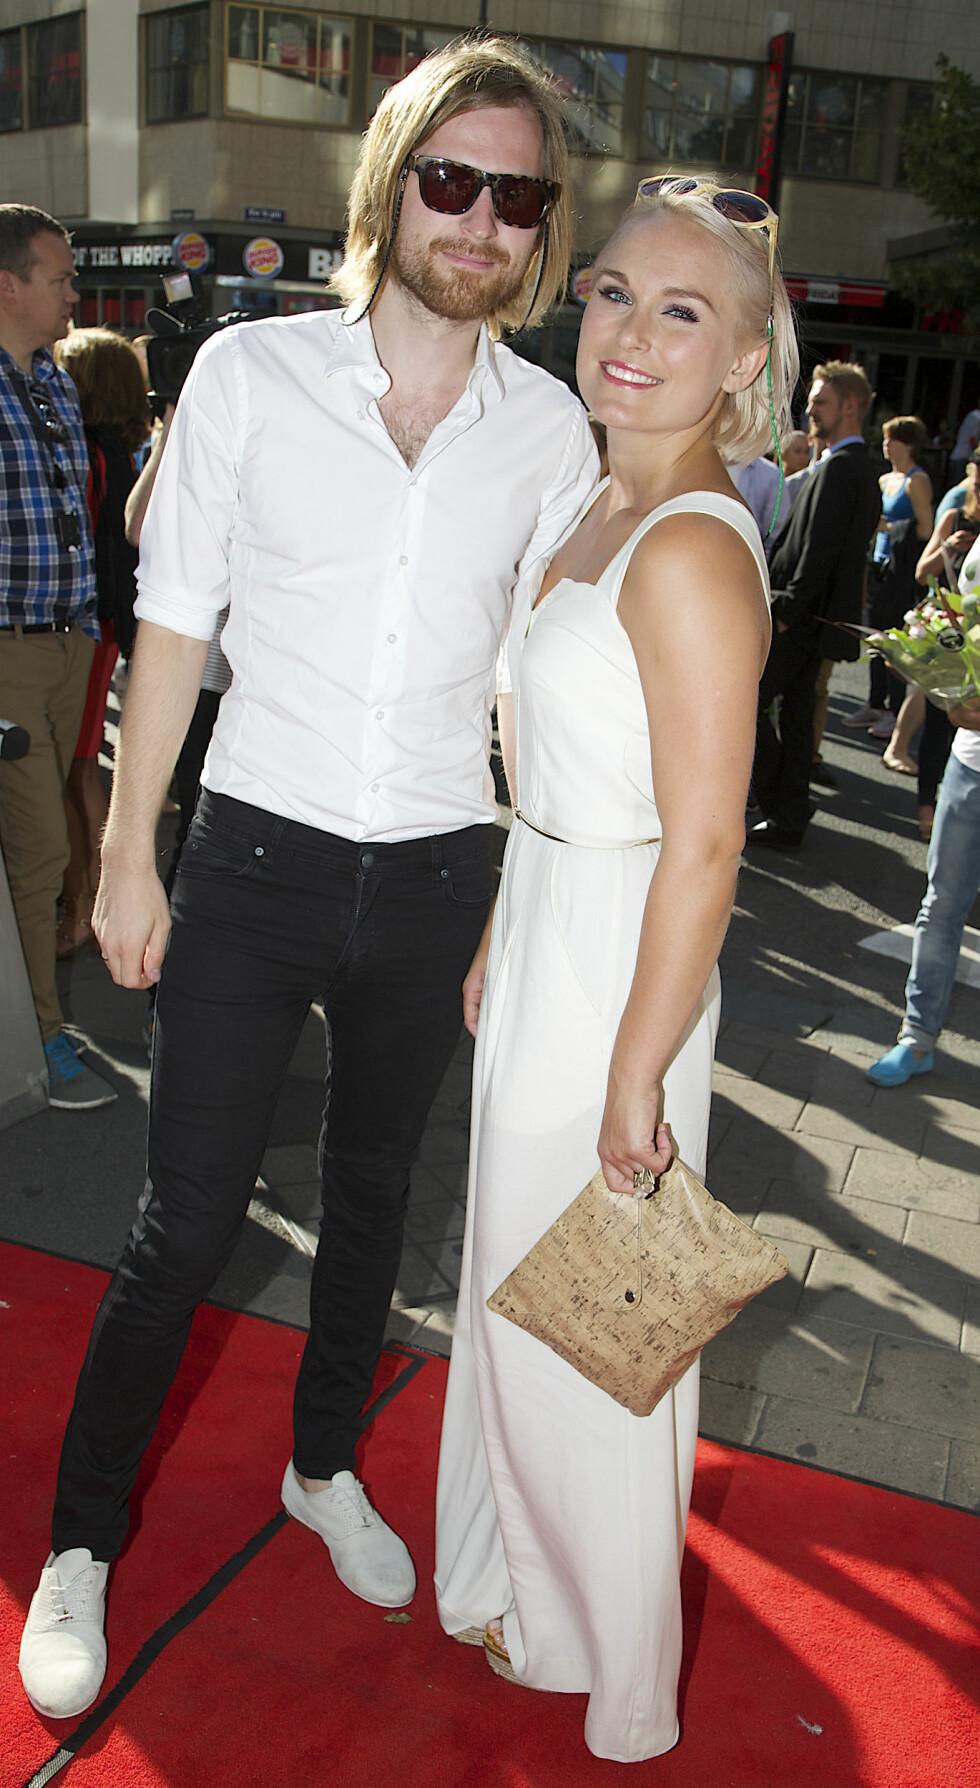 NYBAKTE FORELDRE: Eva Weel Skram og Thomas Stenersen giftet seg i 2008 og i år fikk de en sønn sammen.  Foto: Tore Skaar